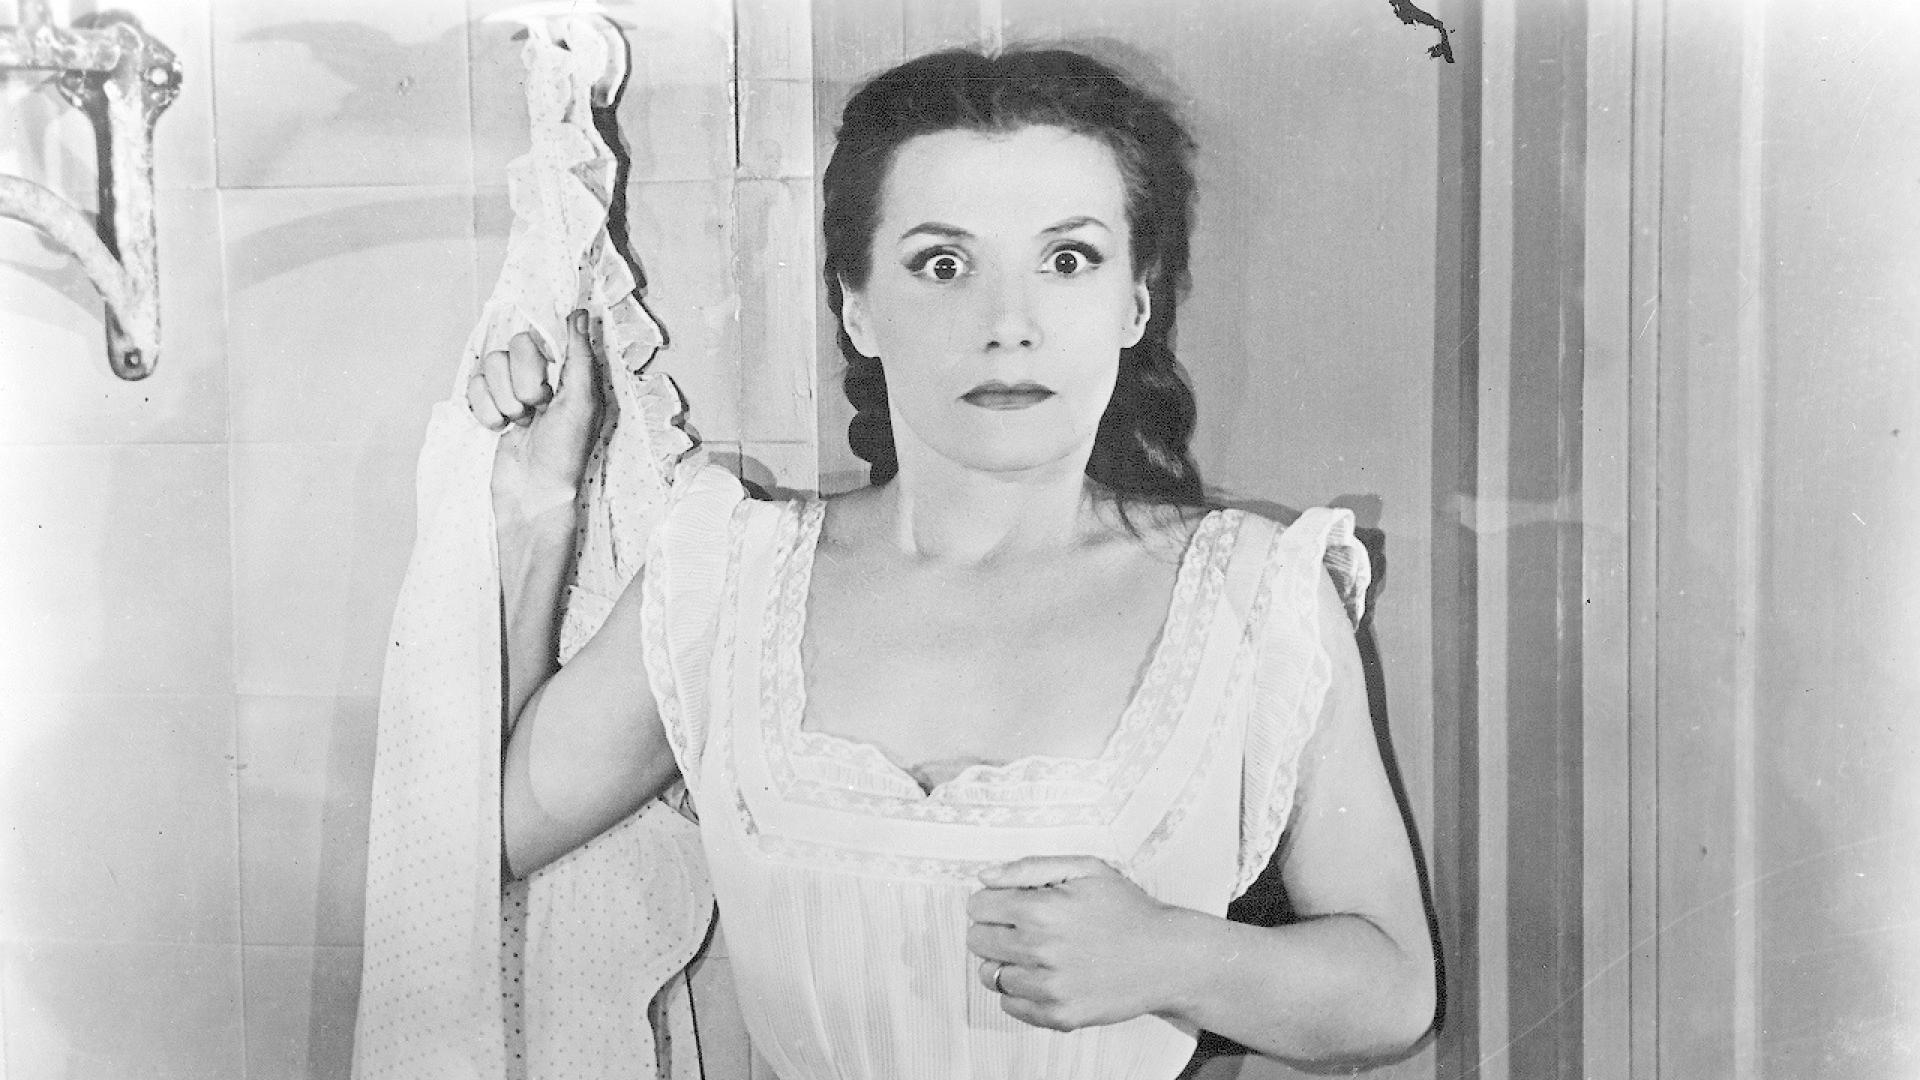 Les diaboliques - Ördöngösök (1955) 2. kép